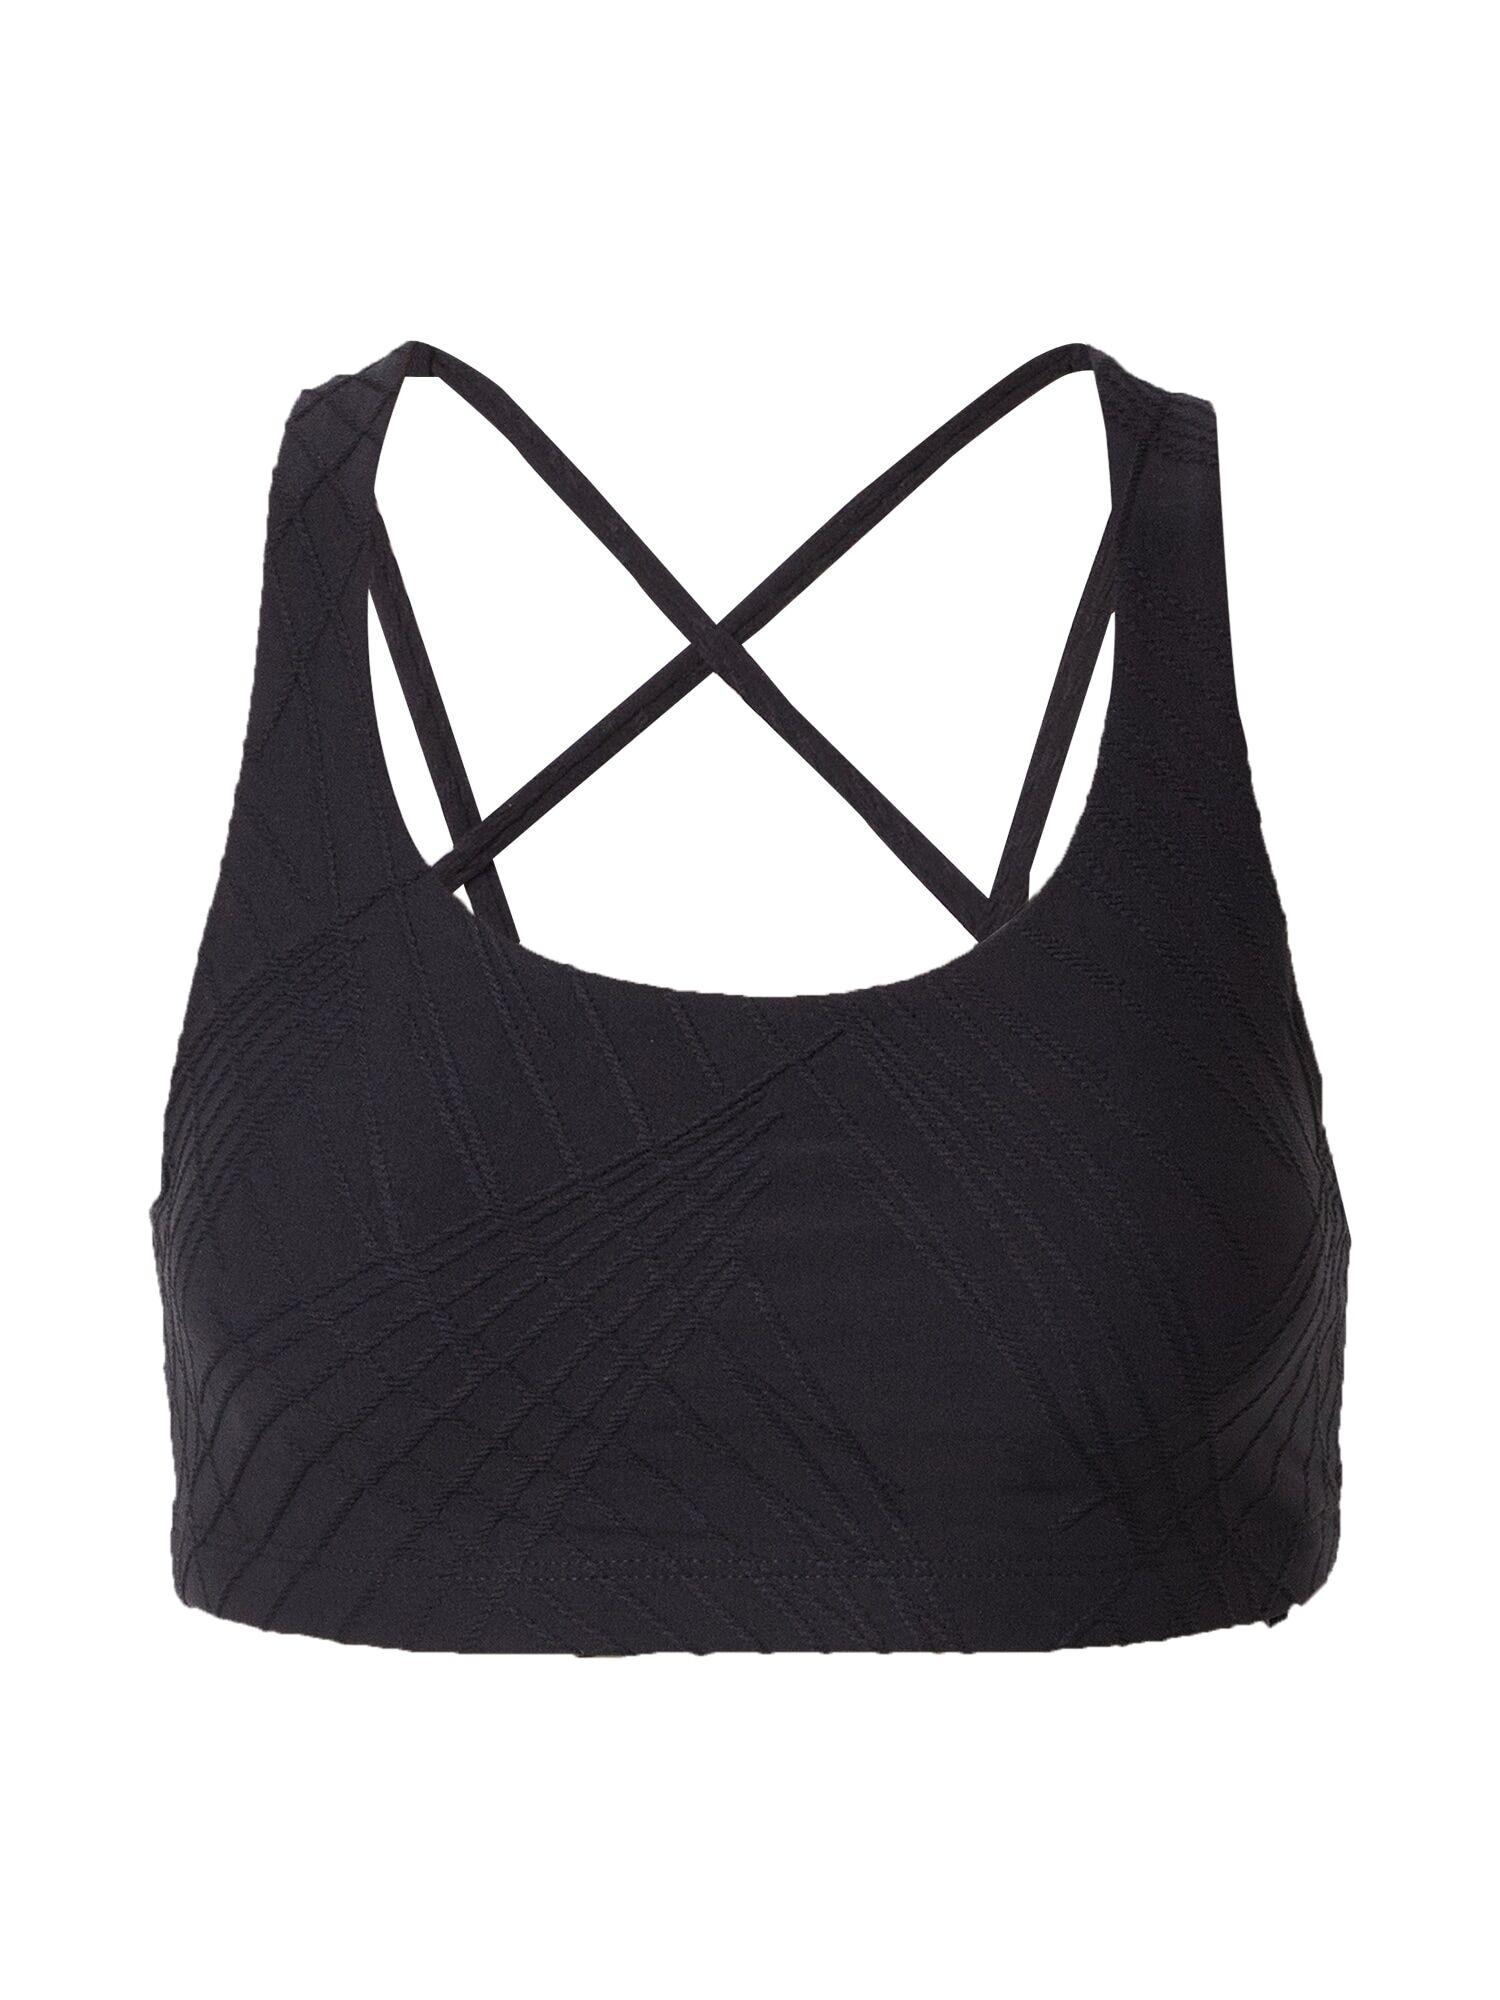 Onzie Soutien-gorge de sport 'Selenite mudra'  - Noir - Taille: L - female